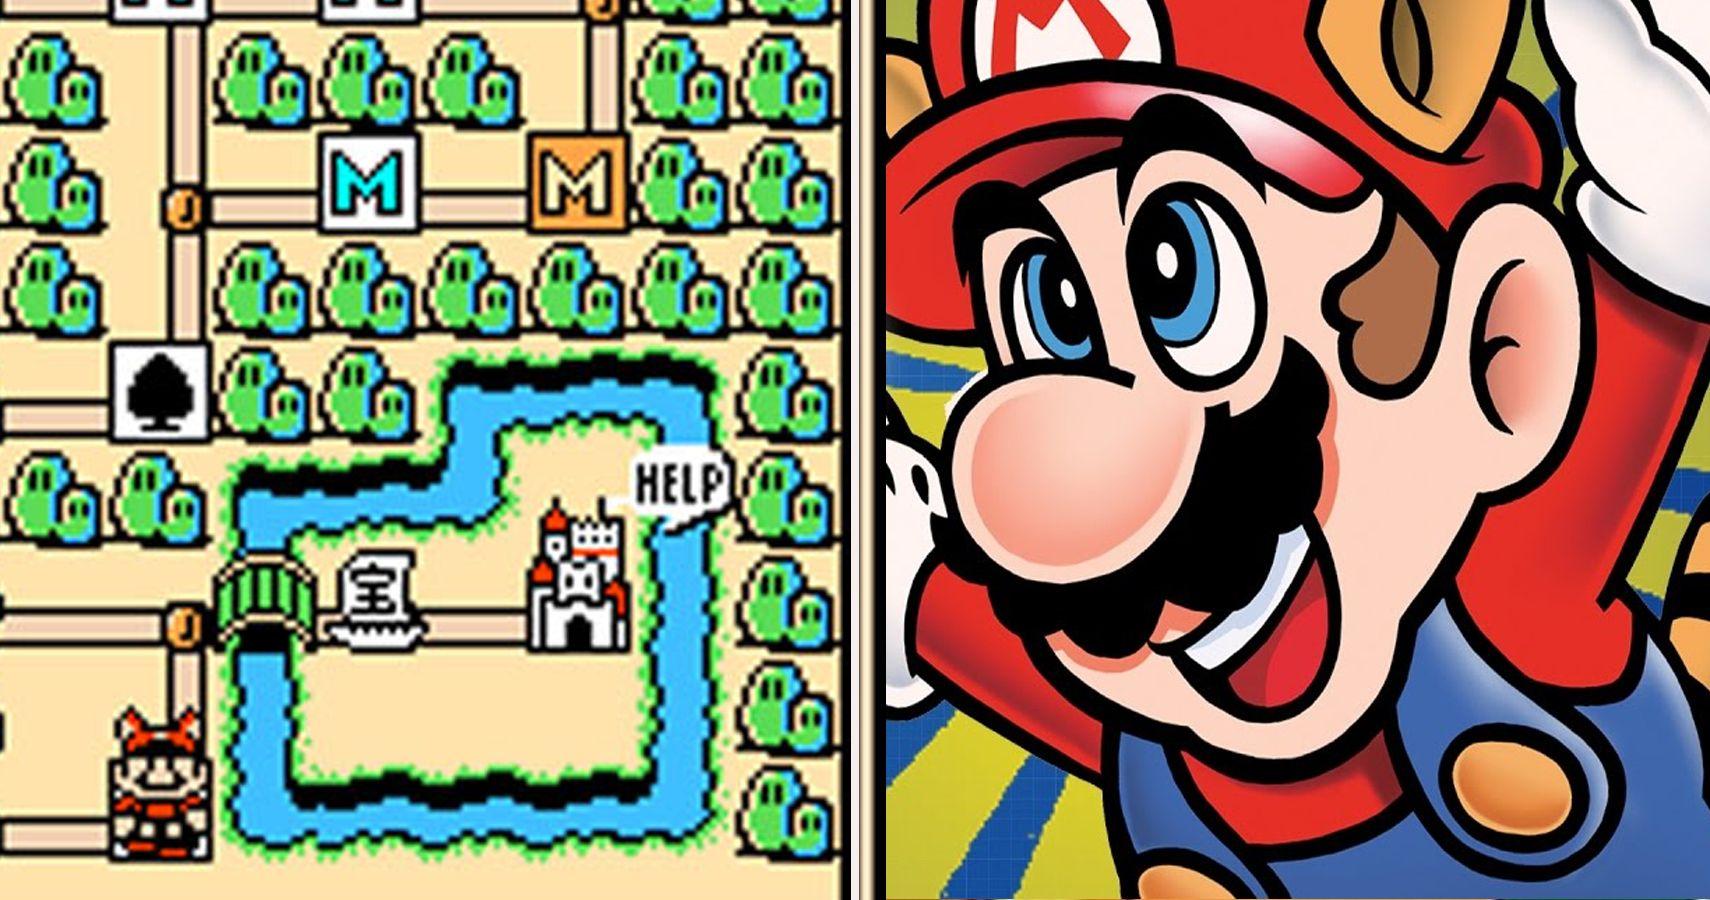 Super Mario Bros  3: Crazy Things You Had No Idea About